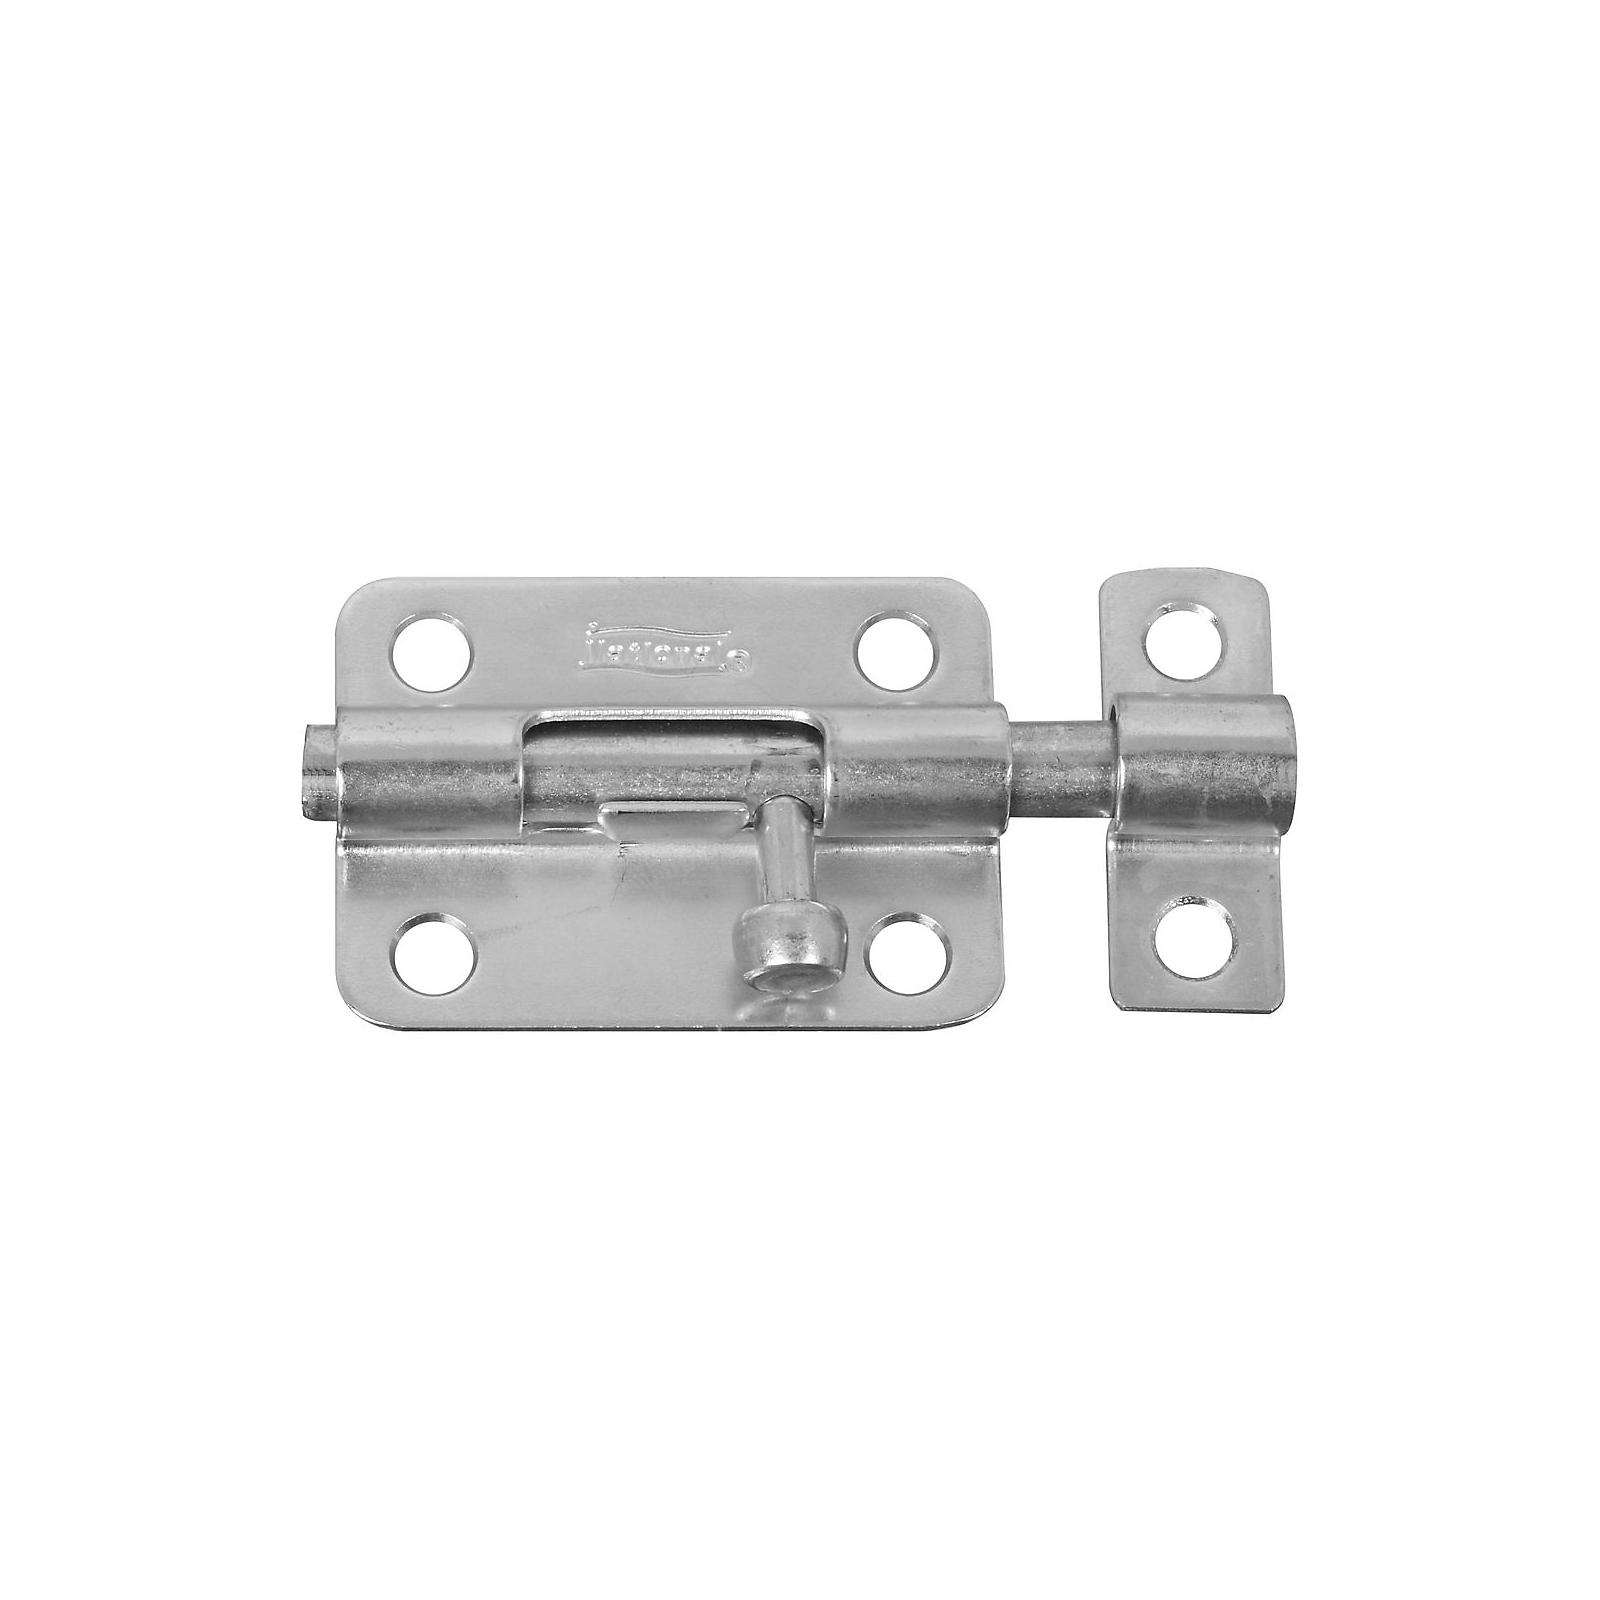 428693//4 4/unidades secotec rosca l/ápiz para picaporte Fijaci/ón M 5/x 8/mm SB de 4/BL1